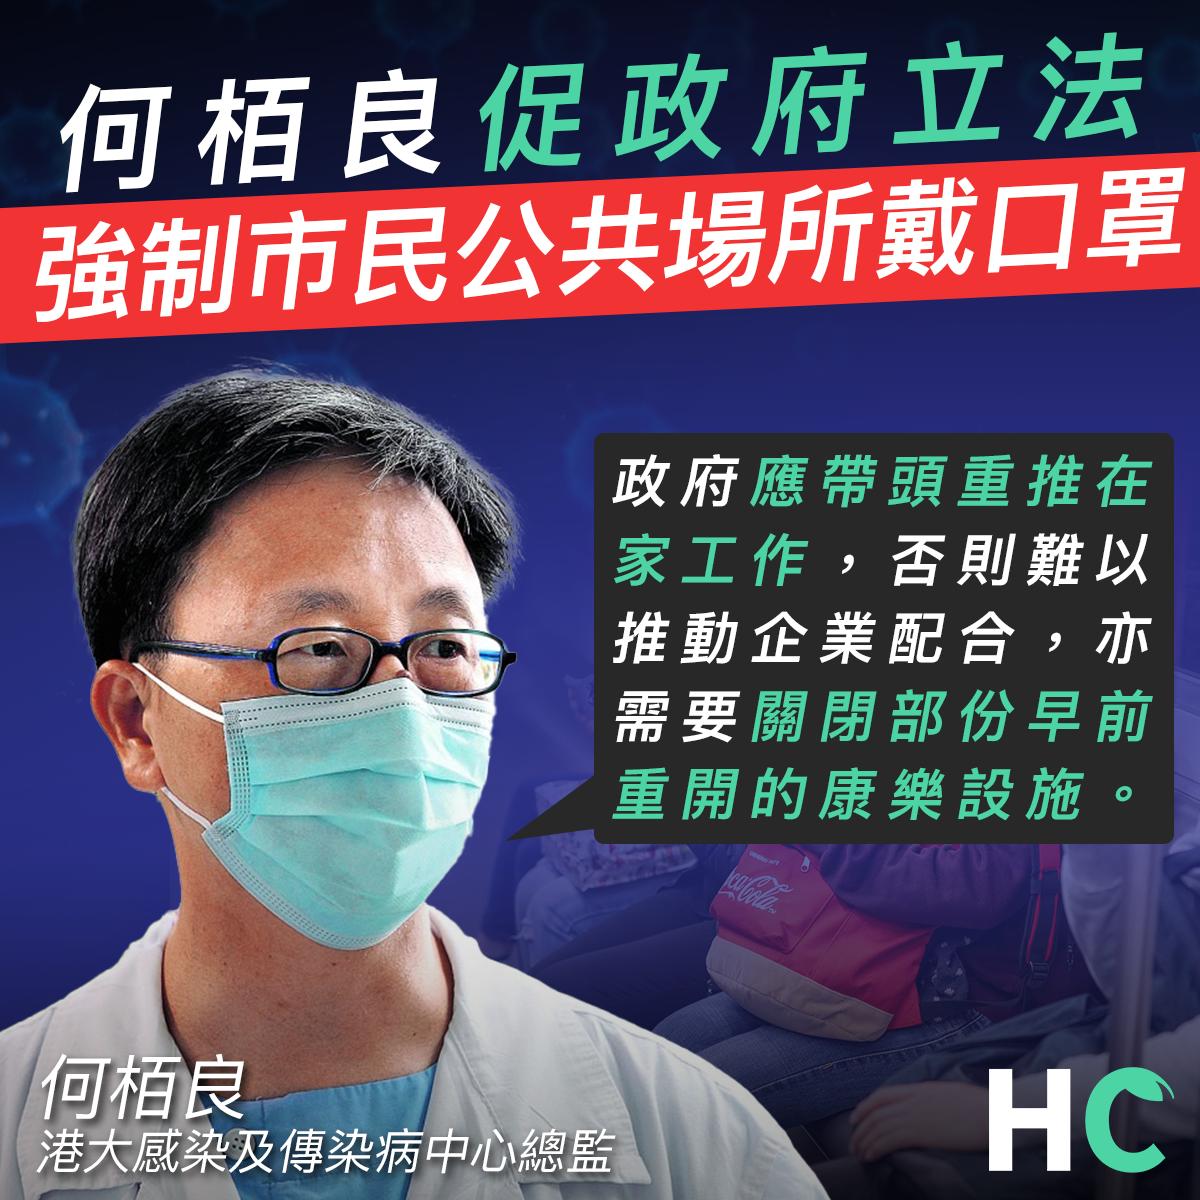 【#新型肺炎】何栢良促政府立法 強制市民公共場所戴口罩